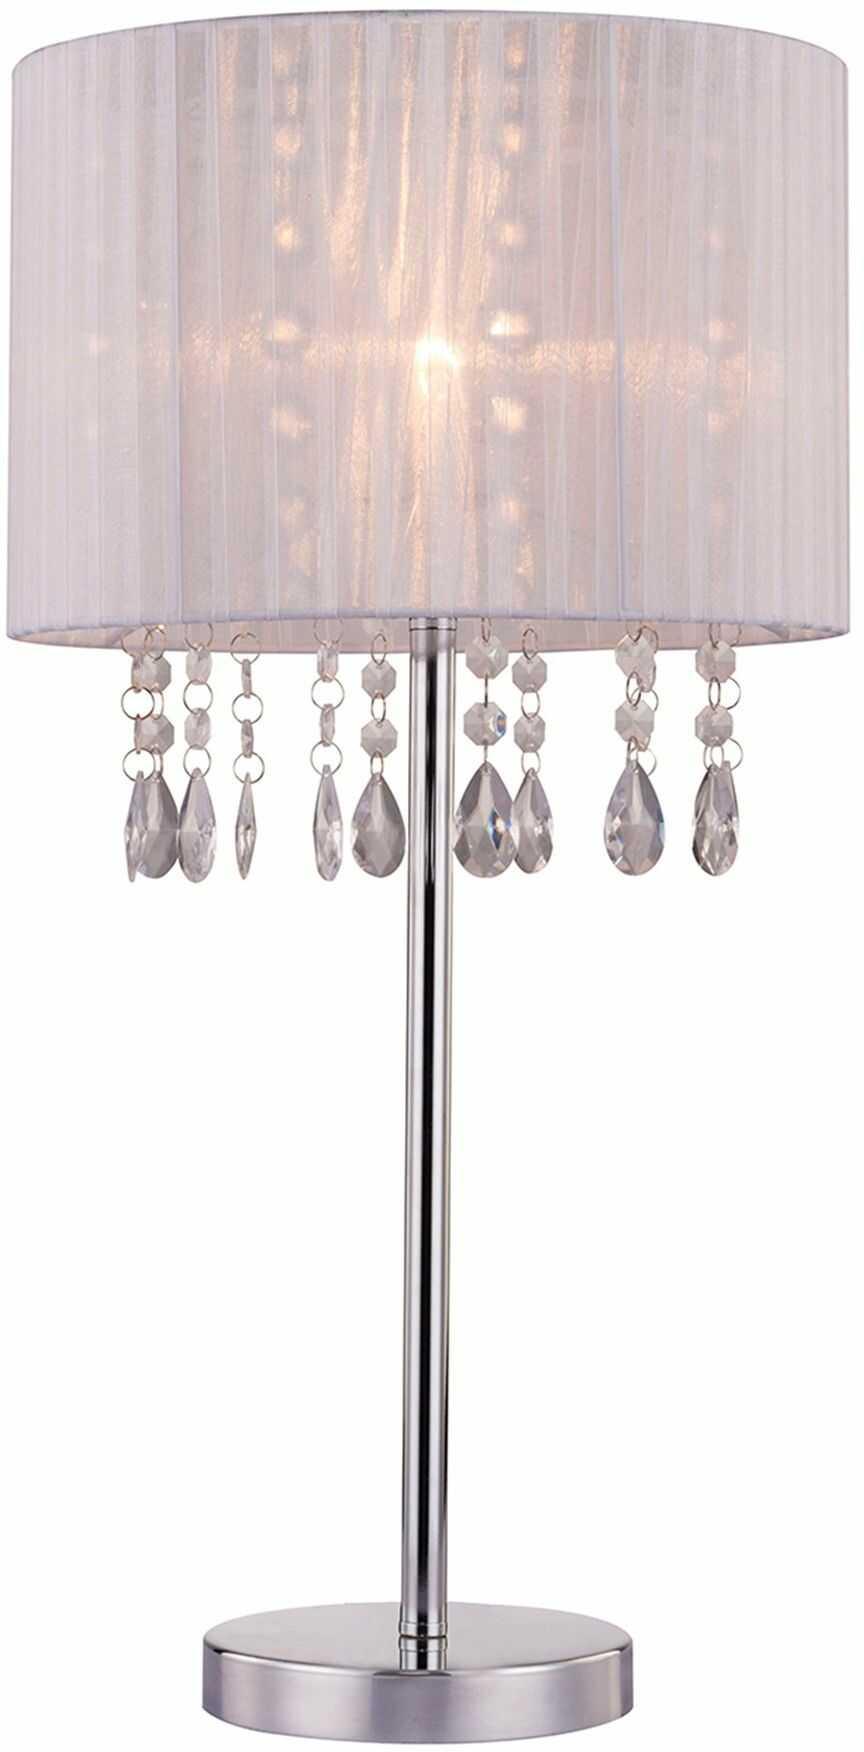 Lampka stołowa Leta biała RLT93350-1A - Zuma Line Do -17% rabatu w koszyku i darmowa dostawa od 299zł !